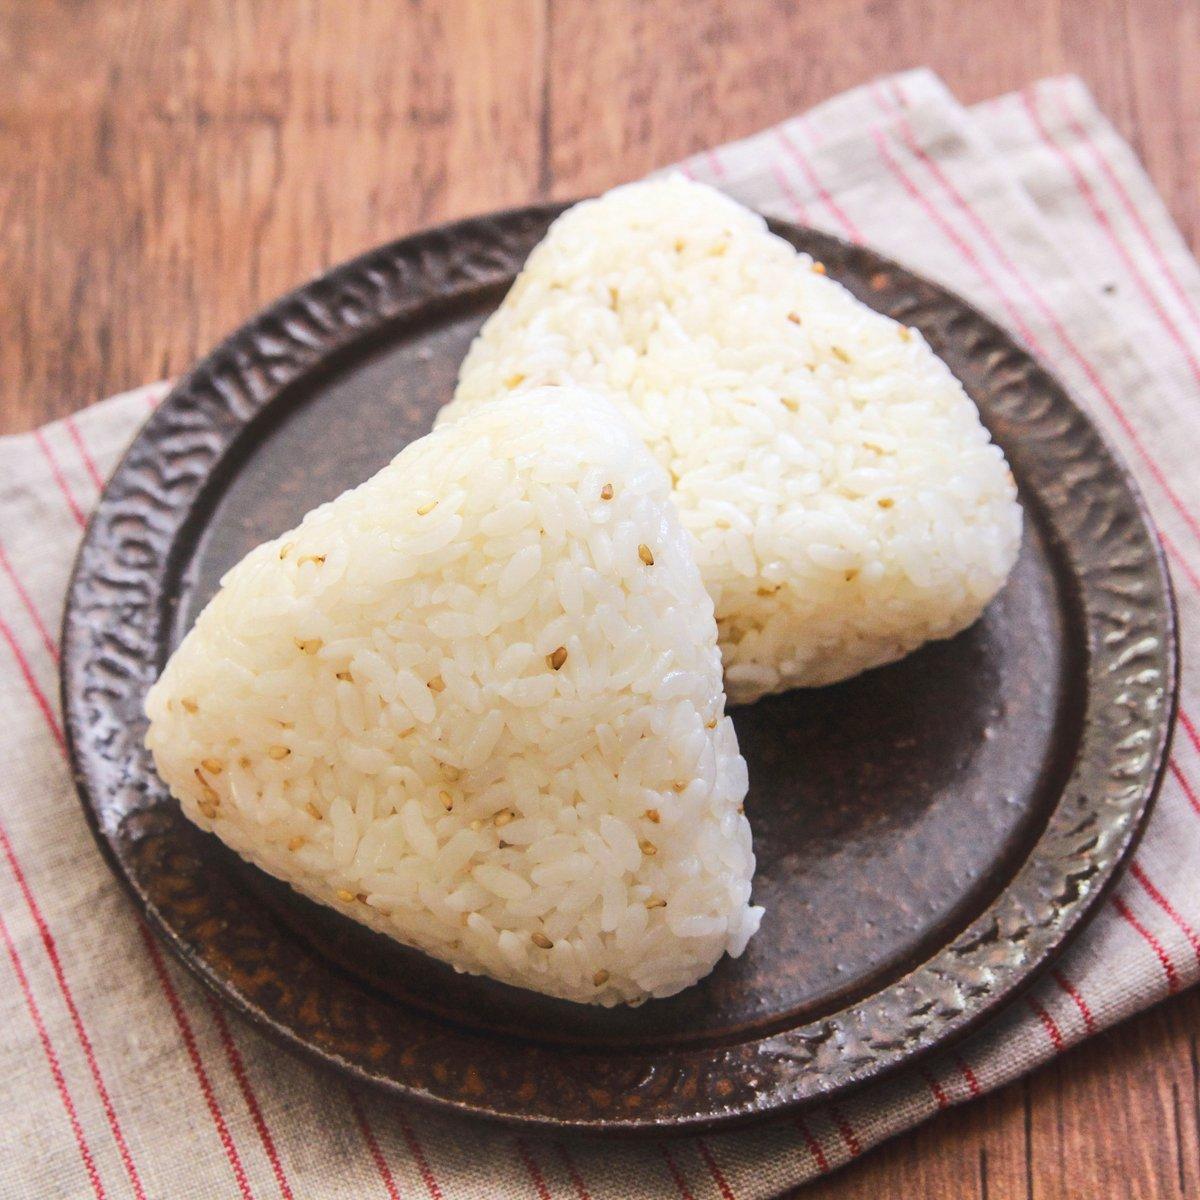 おにぎりを作る時は鶏ガラが必須!『やみつきのうま塩おにぎり』のレシピがこちら!